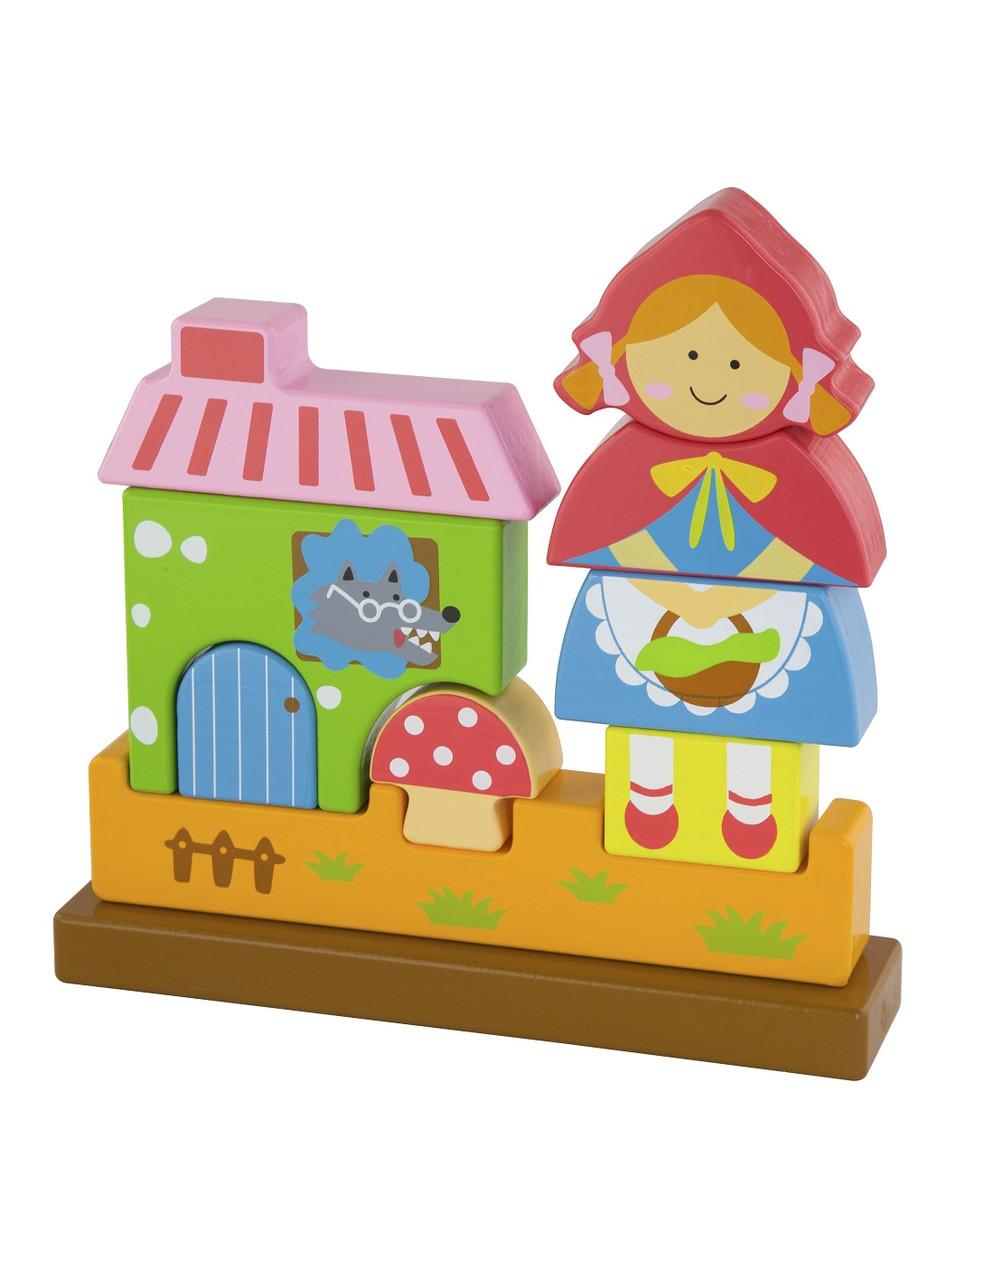 Развивающие и обучающие игрушки «Viga Toys» (50075) деревянный пазл Красная Шапочка